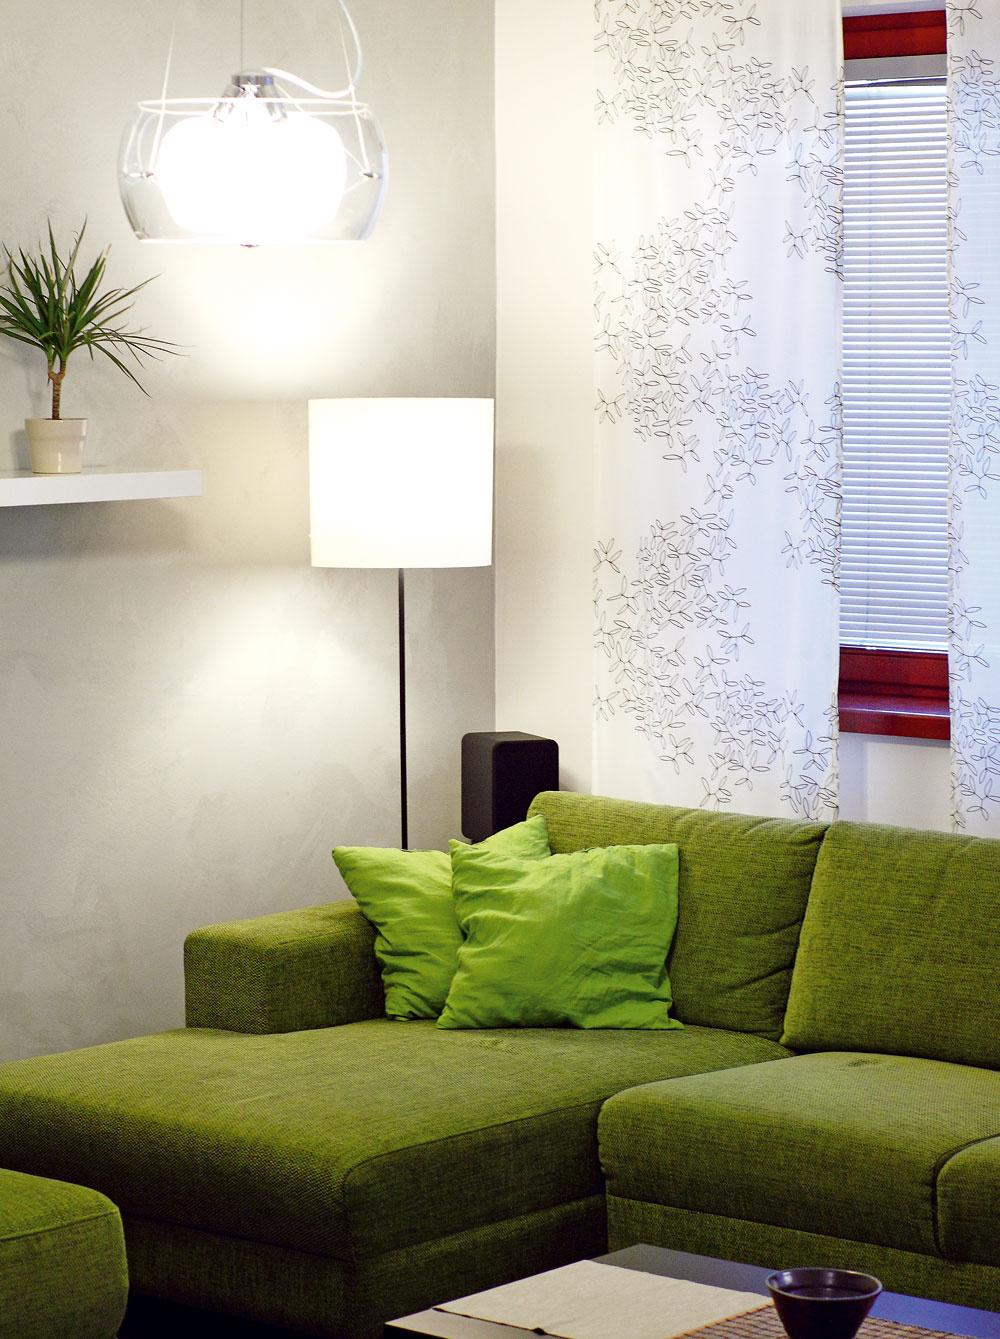 Pohodlná sedačka sa využíva aj na príležitostné spanie pre návštevy. Pod čalúnením sa skrýva dostatok úložného priestoru – najmä na periny.